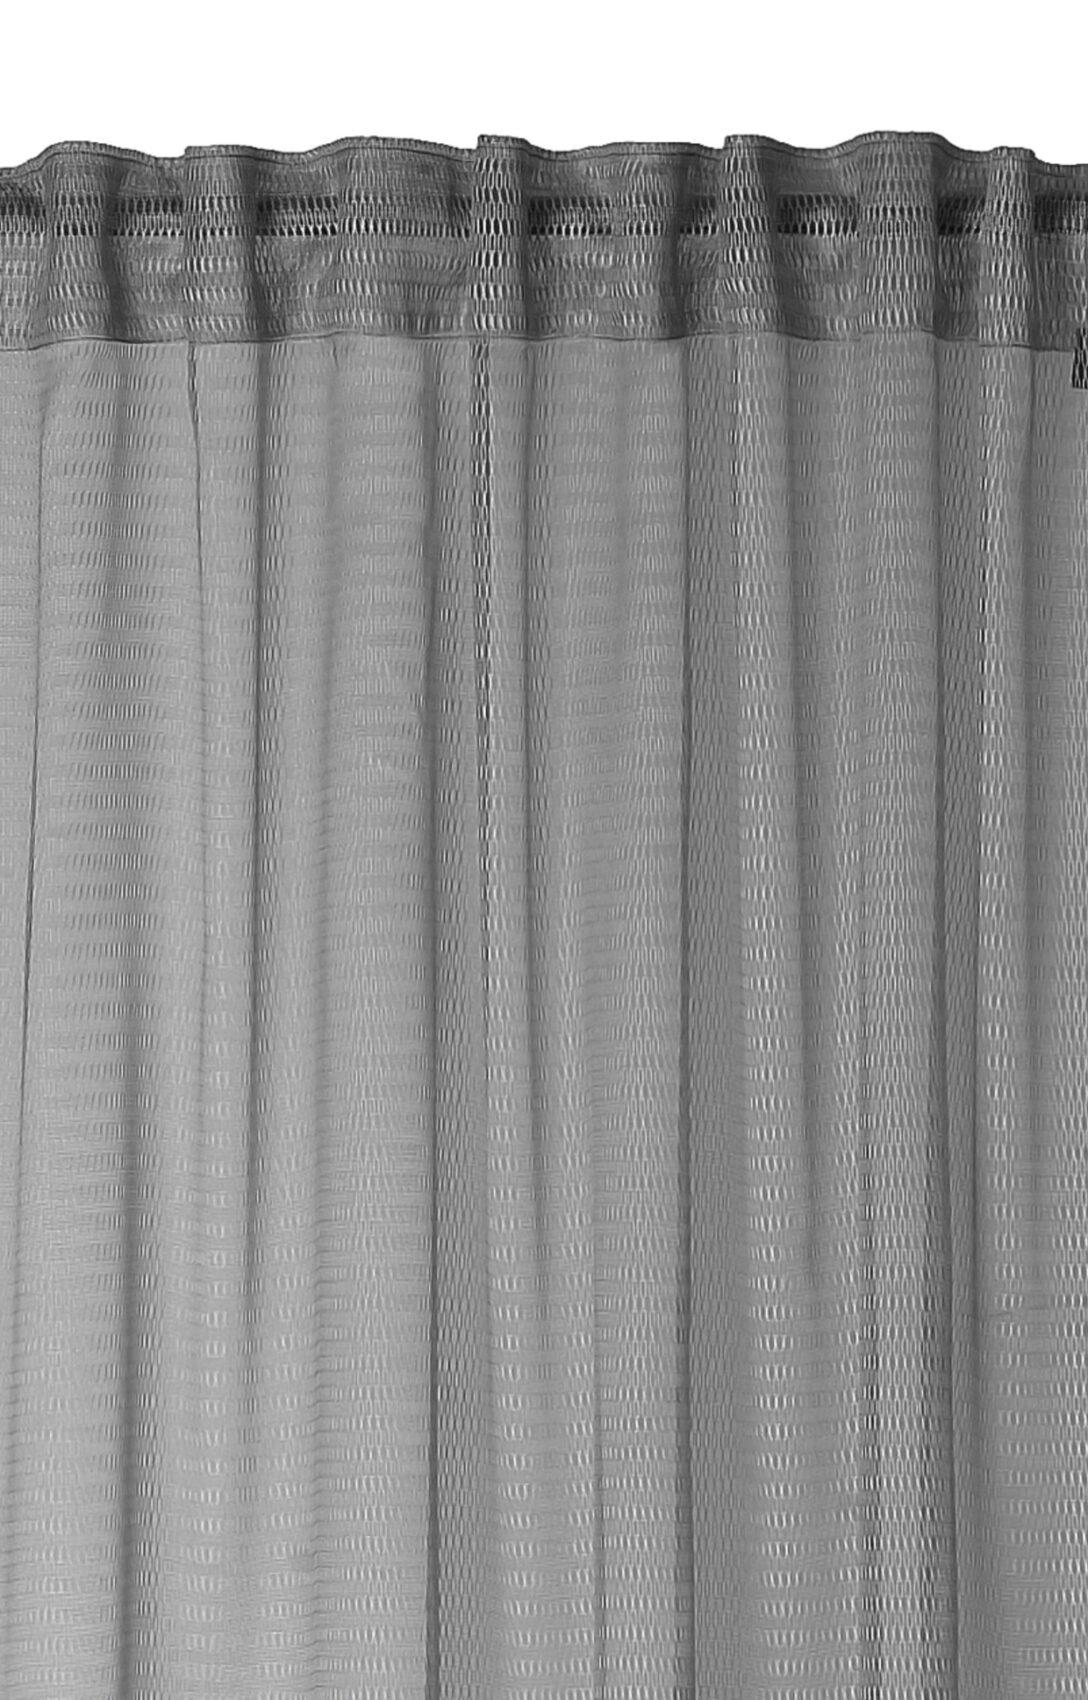 Large Size of Gardinen Fertig Gardine Delicate 130 250 Cm Betten Bad Für Schlafzimmer Fenster Wohnzimmer Scheibengardinen Küche Die Badezimmer Wohnzimmer Joop Gardinen